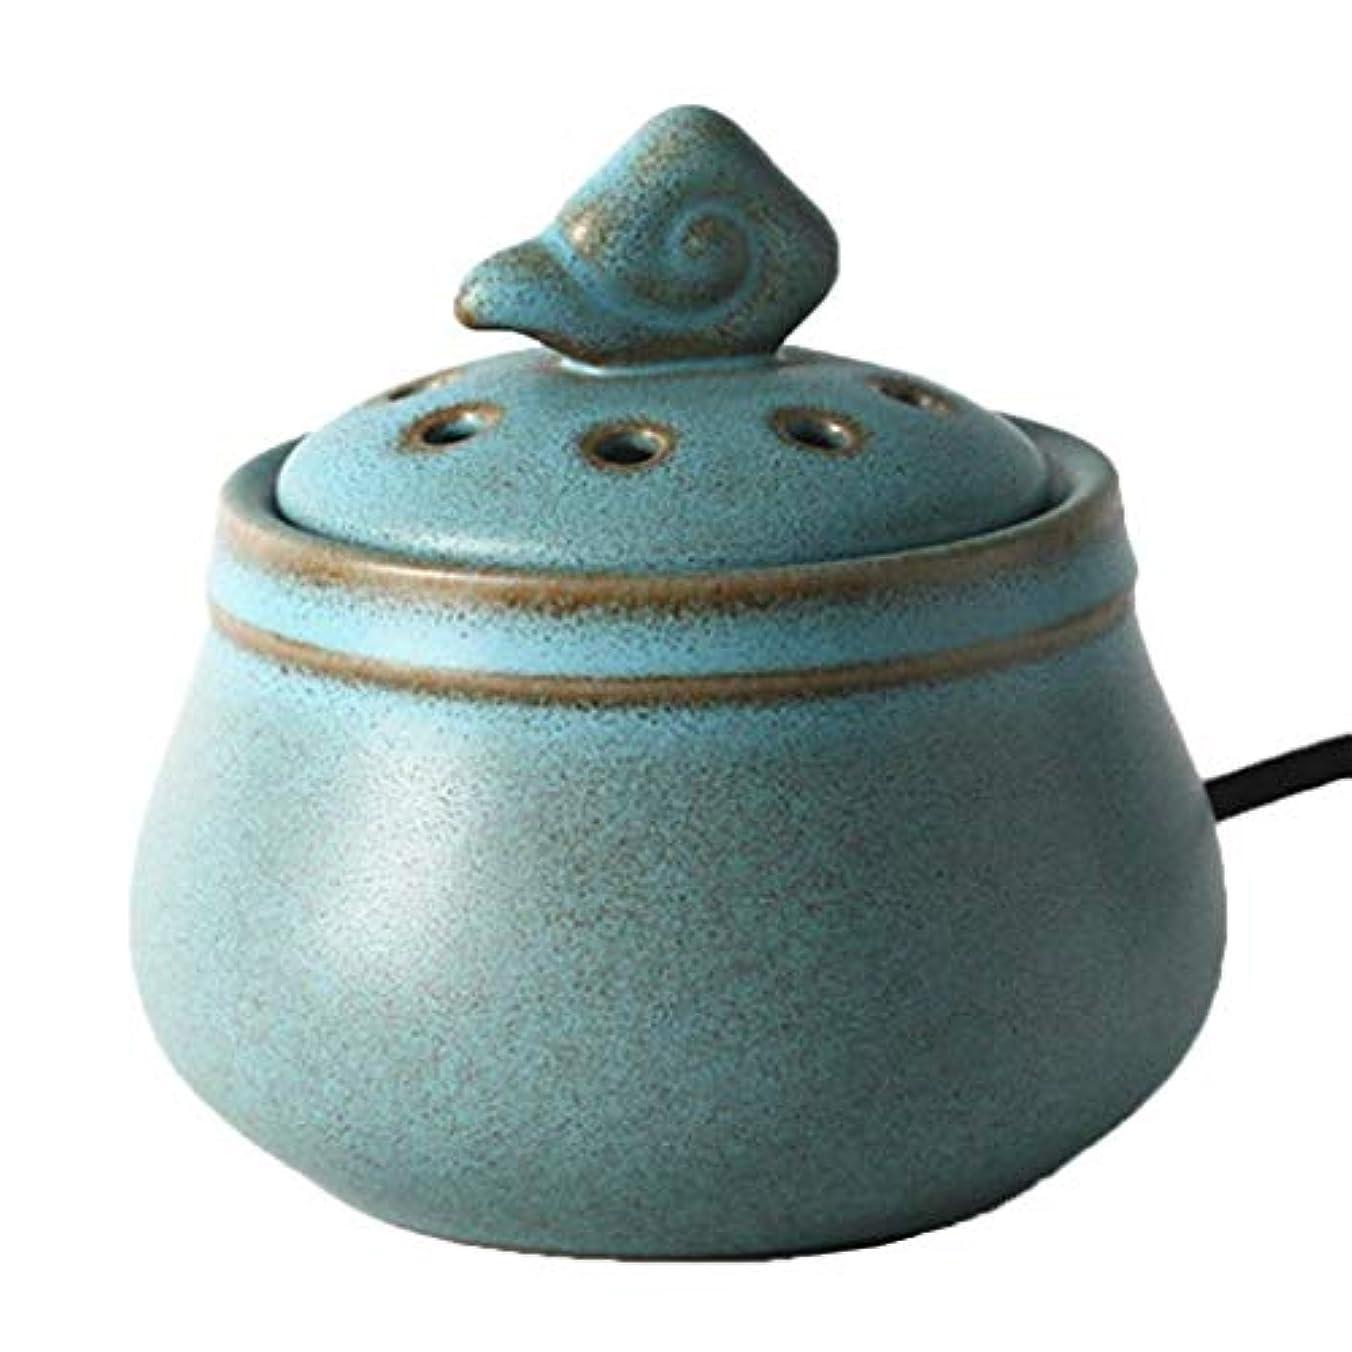 すみません連続的カロリーMYTDBD 多色アロマディフューザーホームセラミック電気炉ディフューザー香炉 (Color : Blue, Size : A)